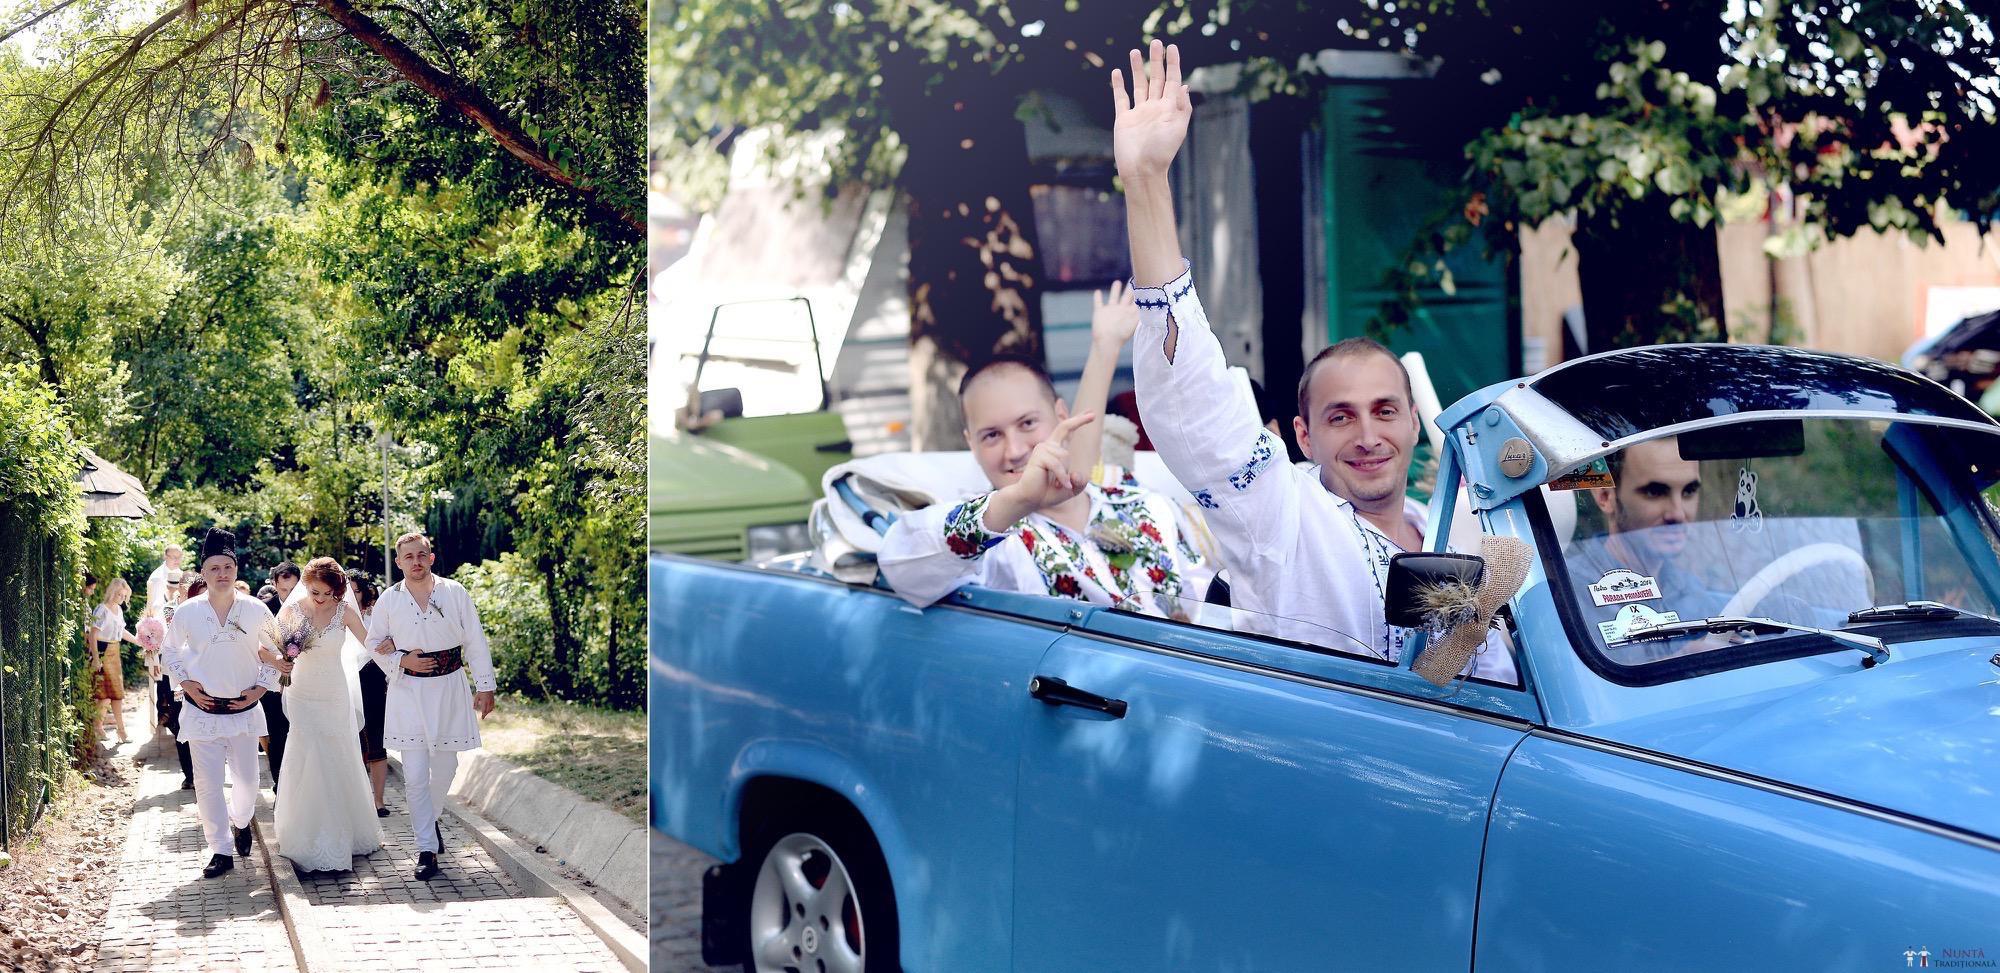 Povești Nunți Tradiționale - Iulia și Andrei. Nuntă tradițională în Bucovina. 58